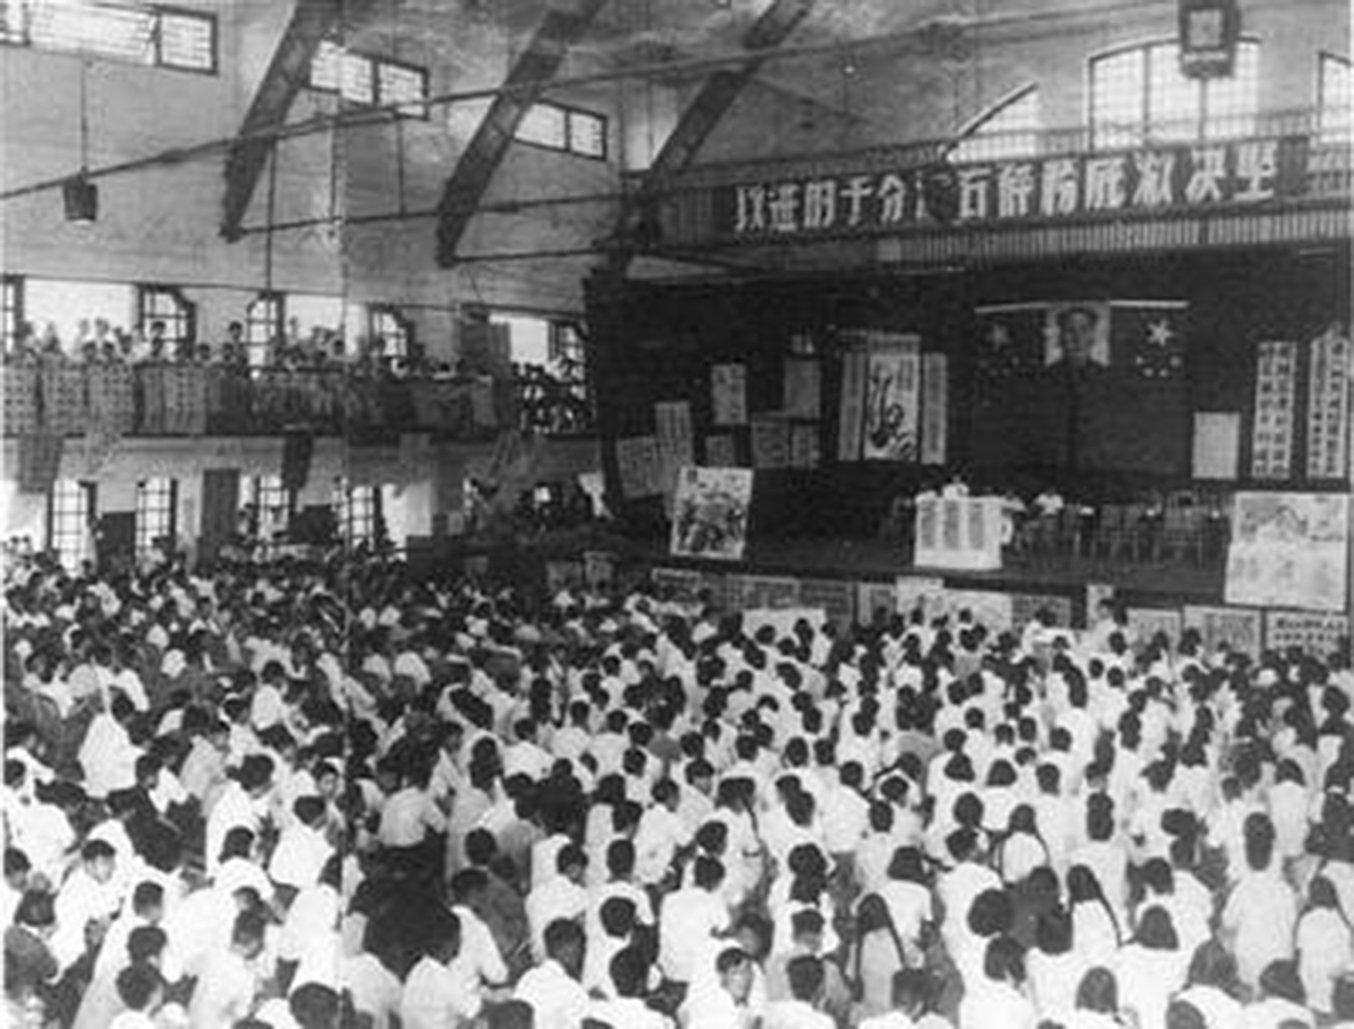 反右運動中的群眾集會。(網絡圖片)